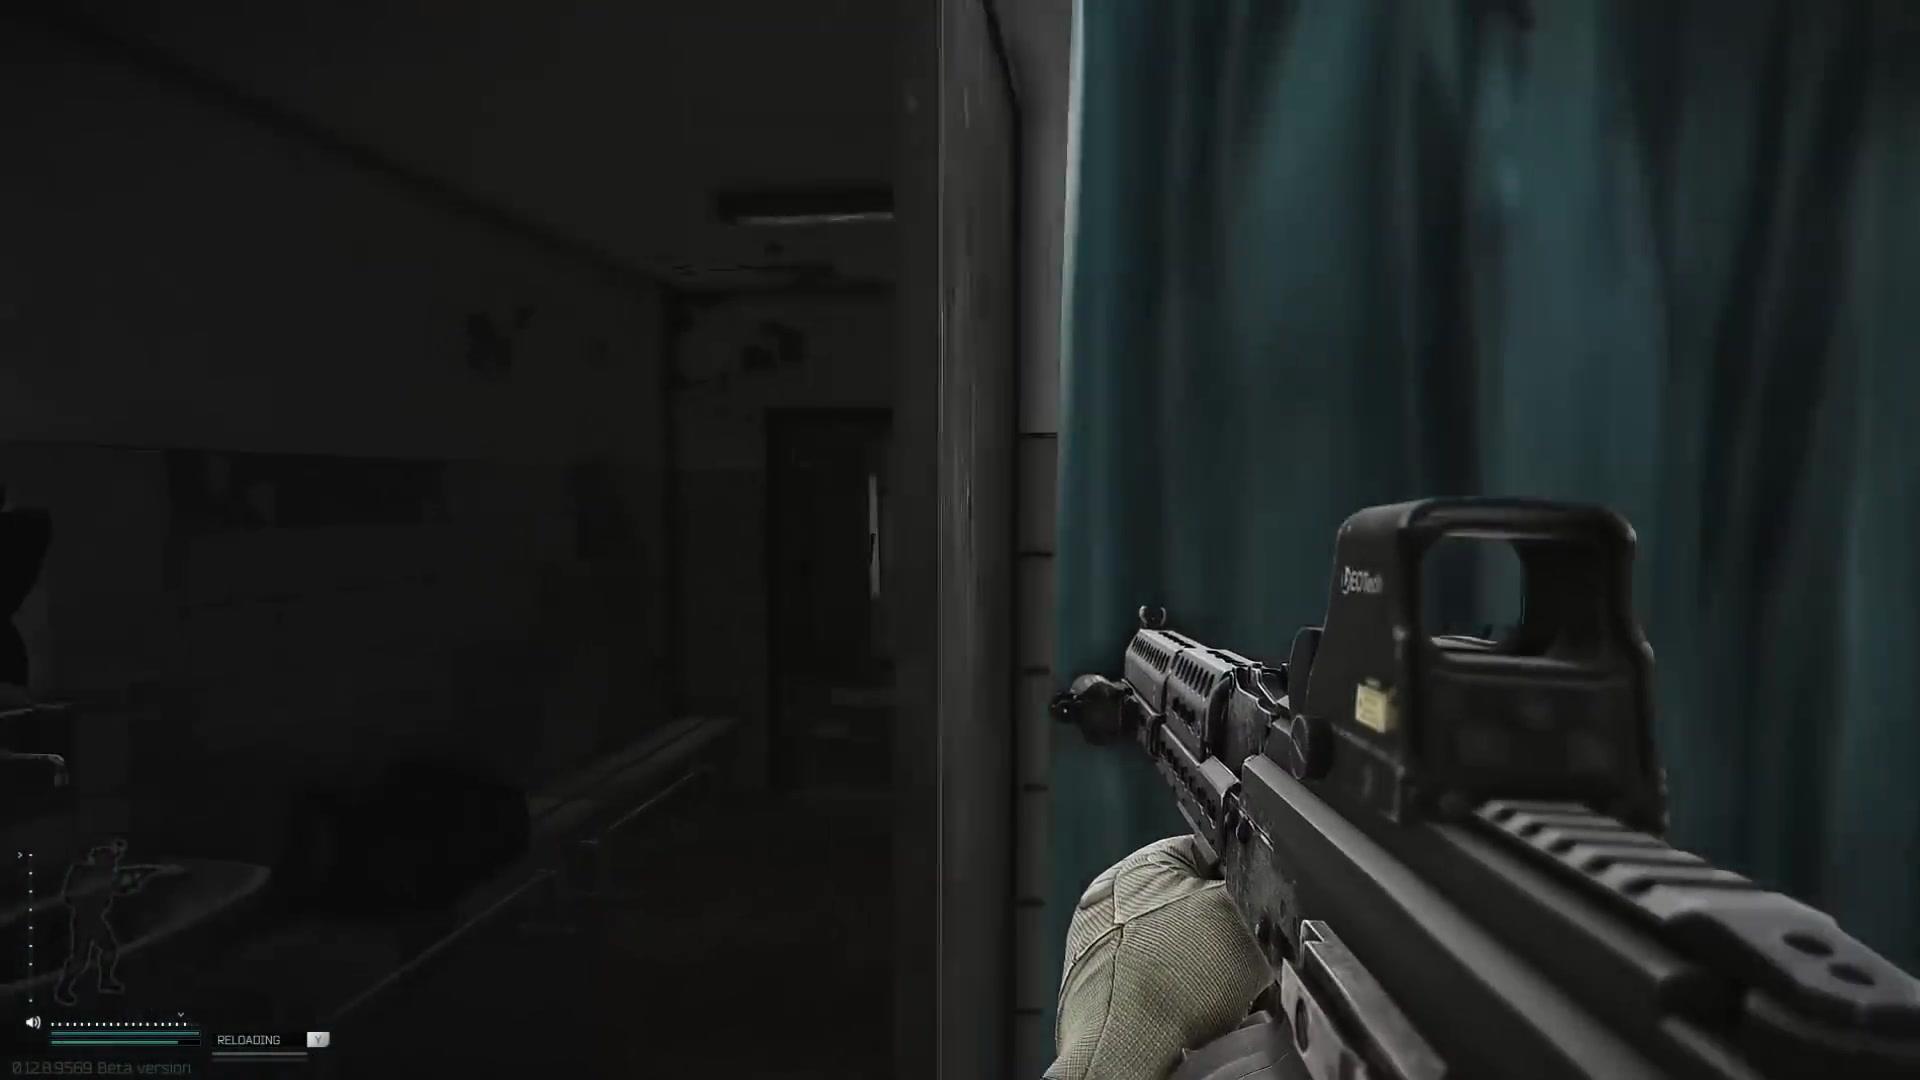 逃离塔科夫 - AKM AK103 低后坐力组建前三